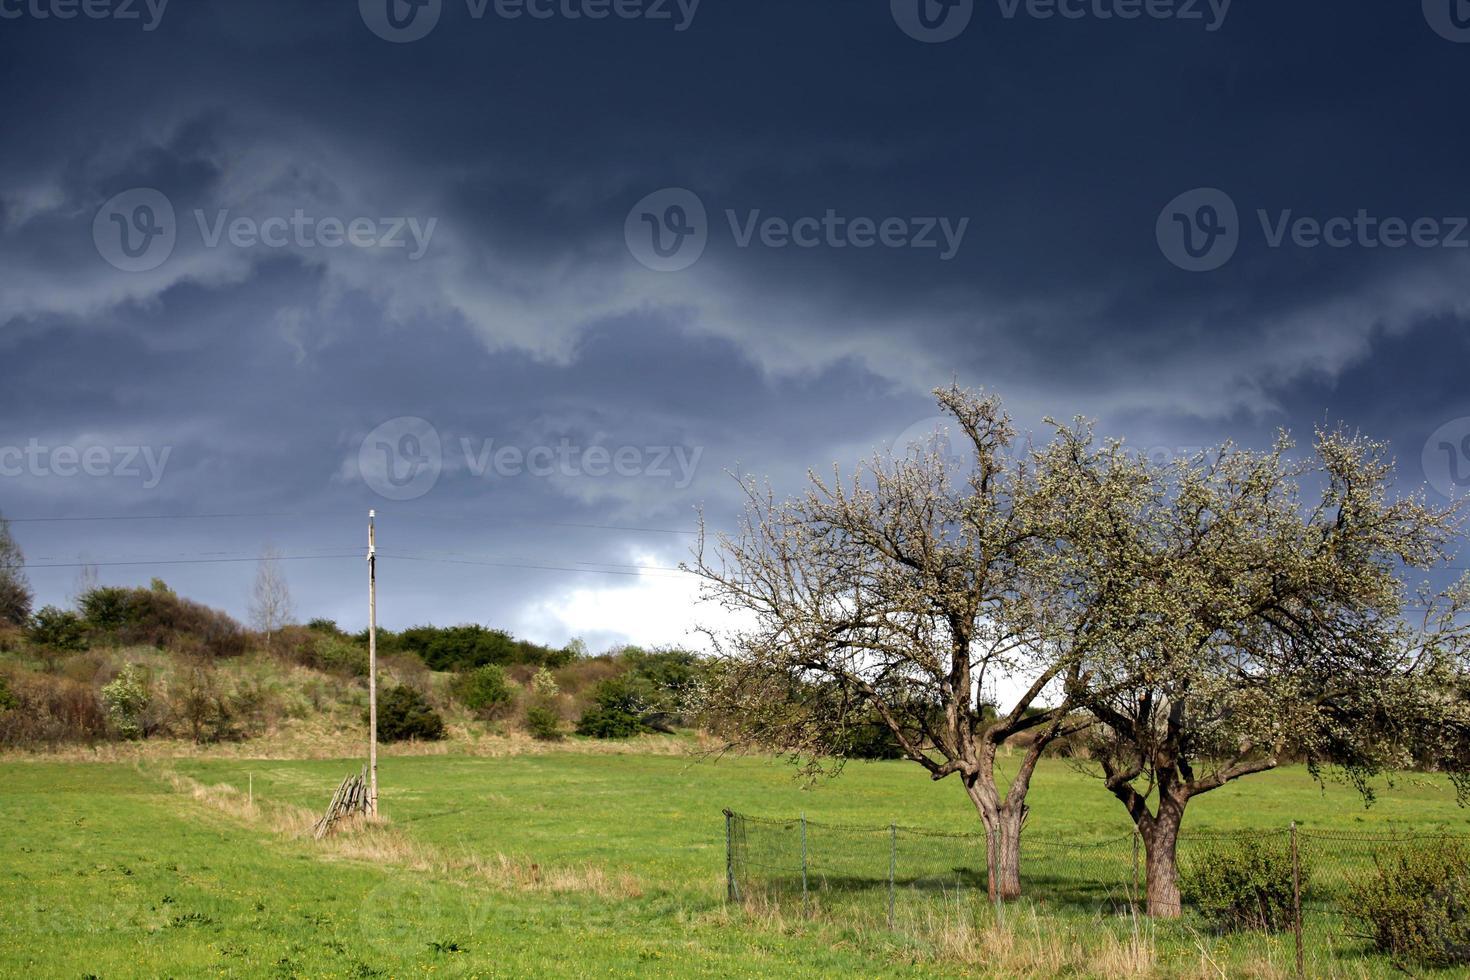 quando arriva la tempesta foto